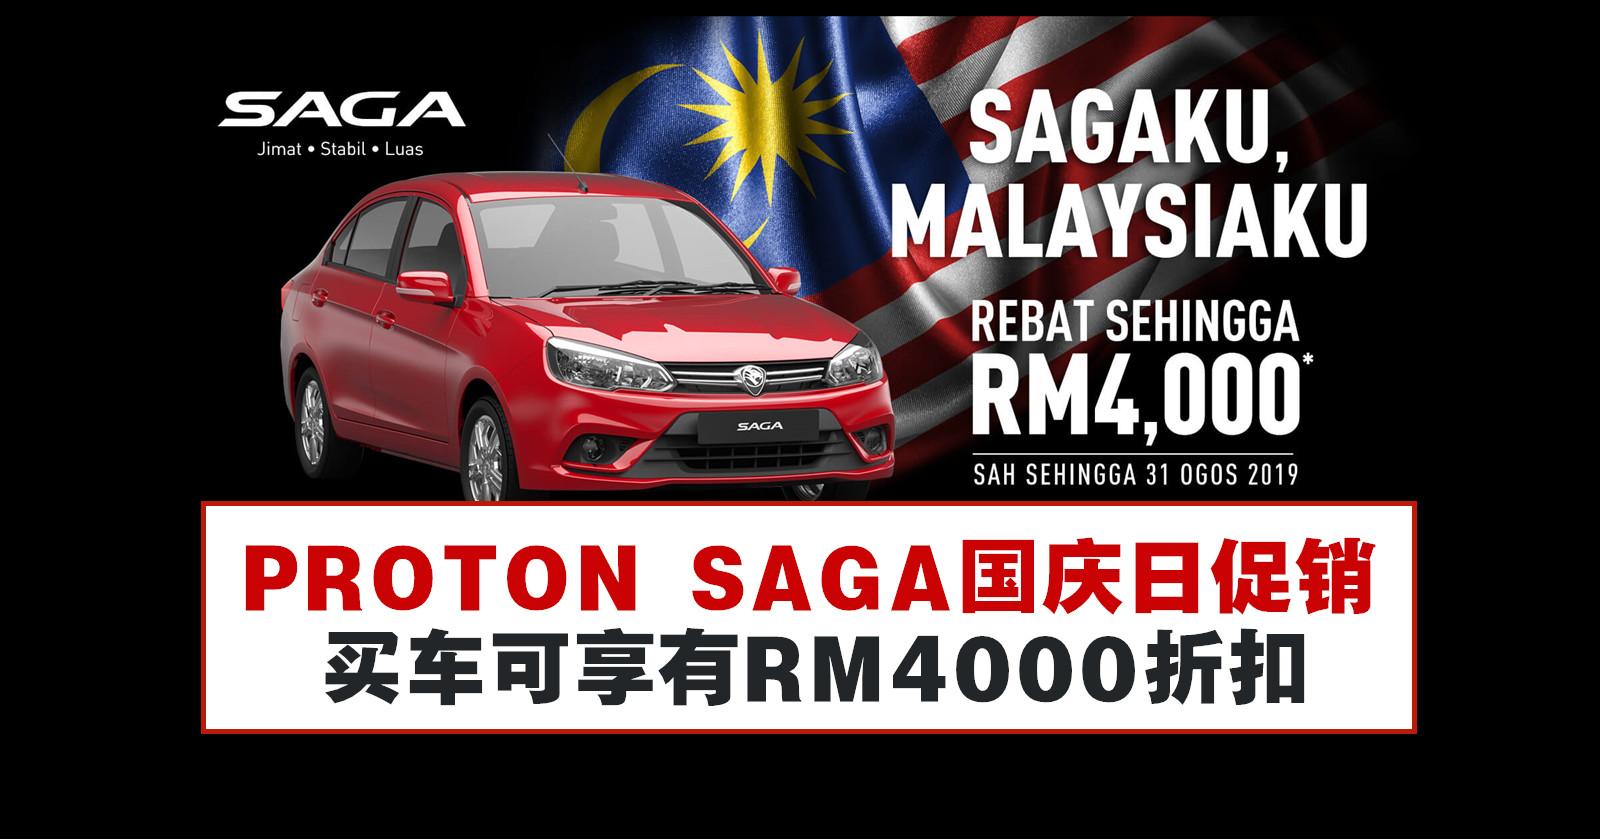 PROTON SAGA国庆日促销,买车可享有RM4000折扣